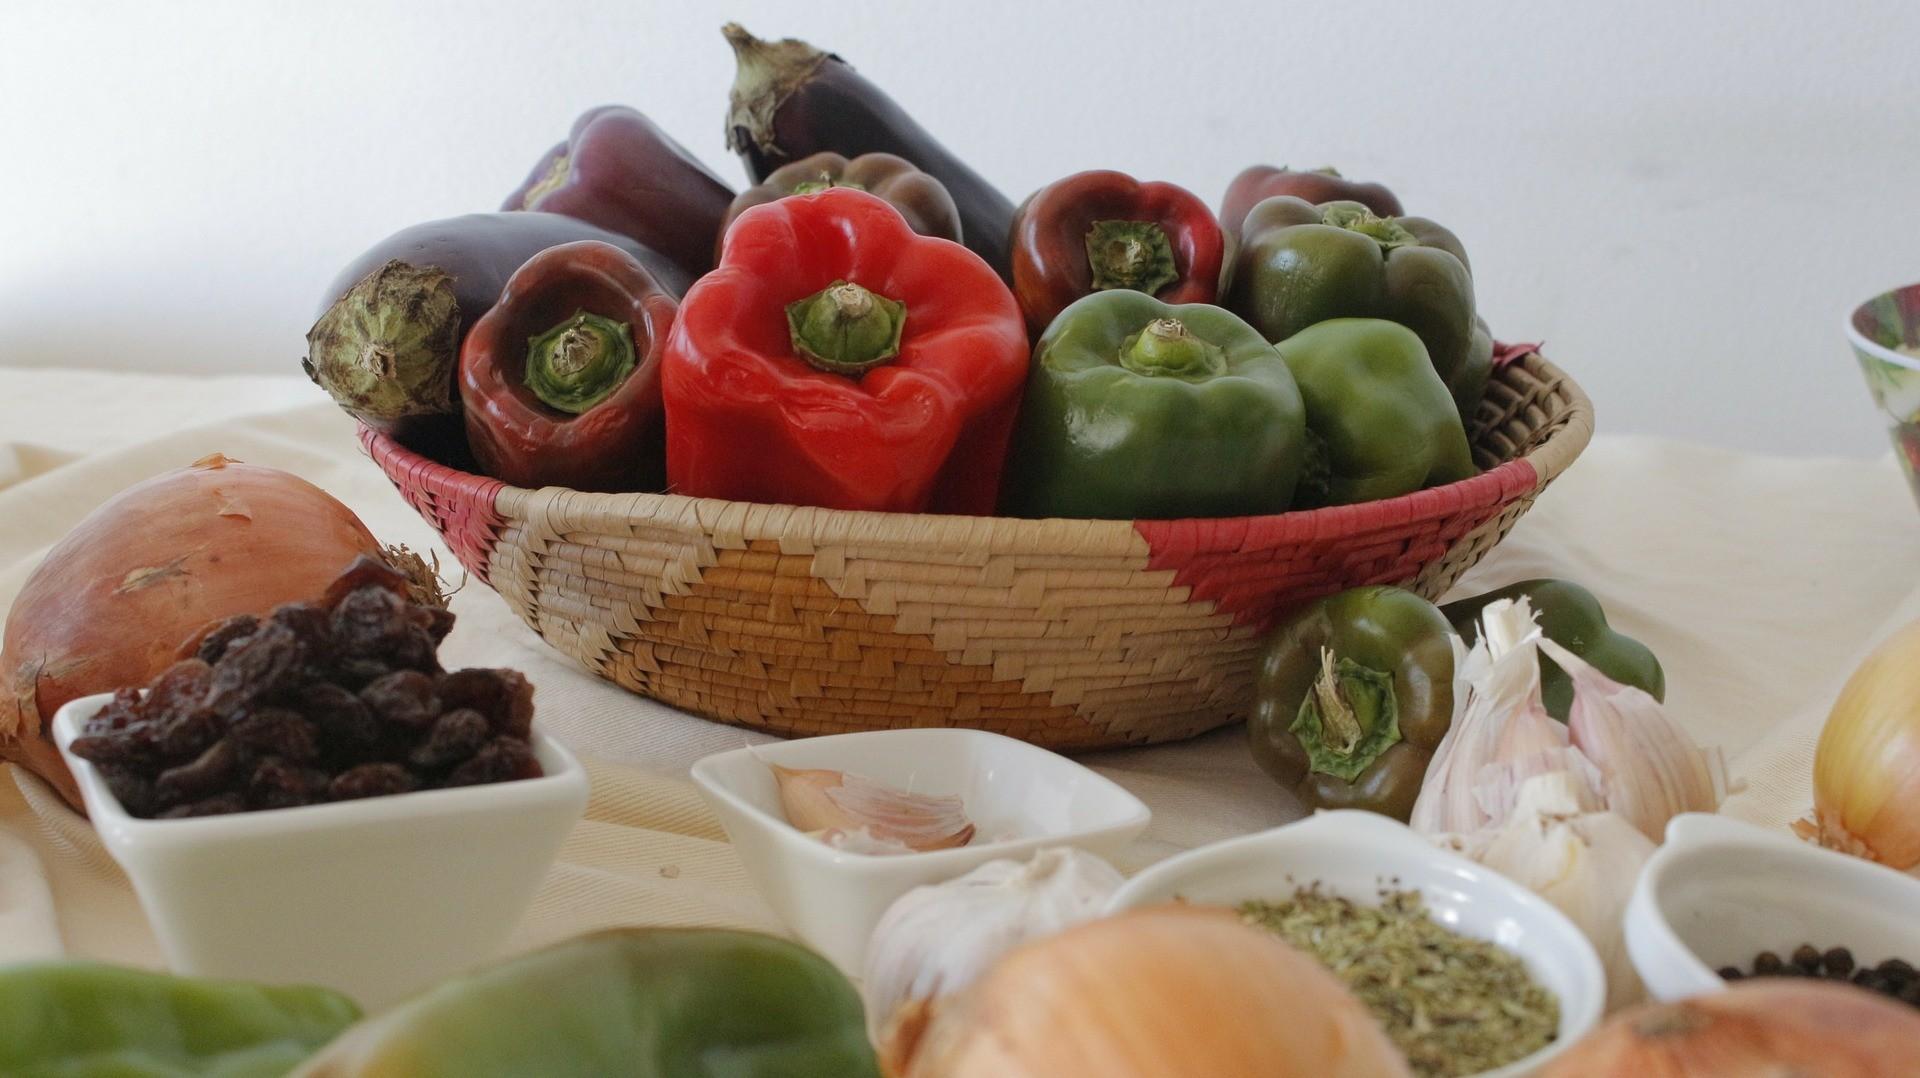 La Dieta Mediterranea fa Bene al Cuore, ma Solo ai Ricchi. 5 Consigli per Fregarli